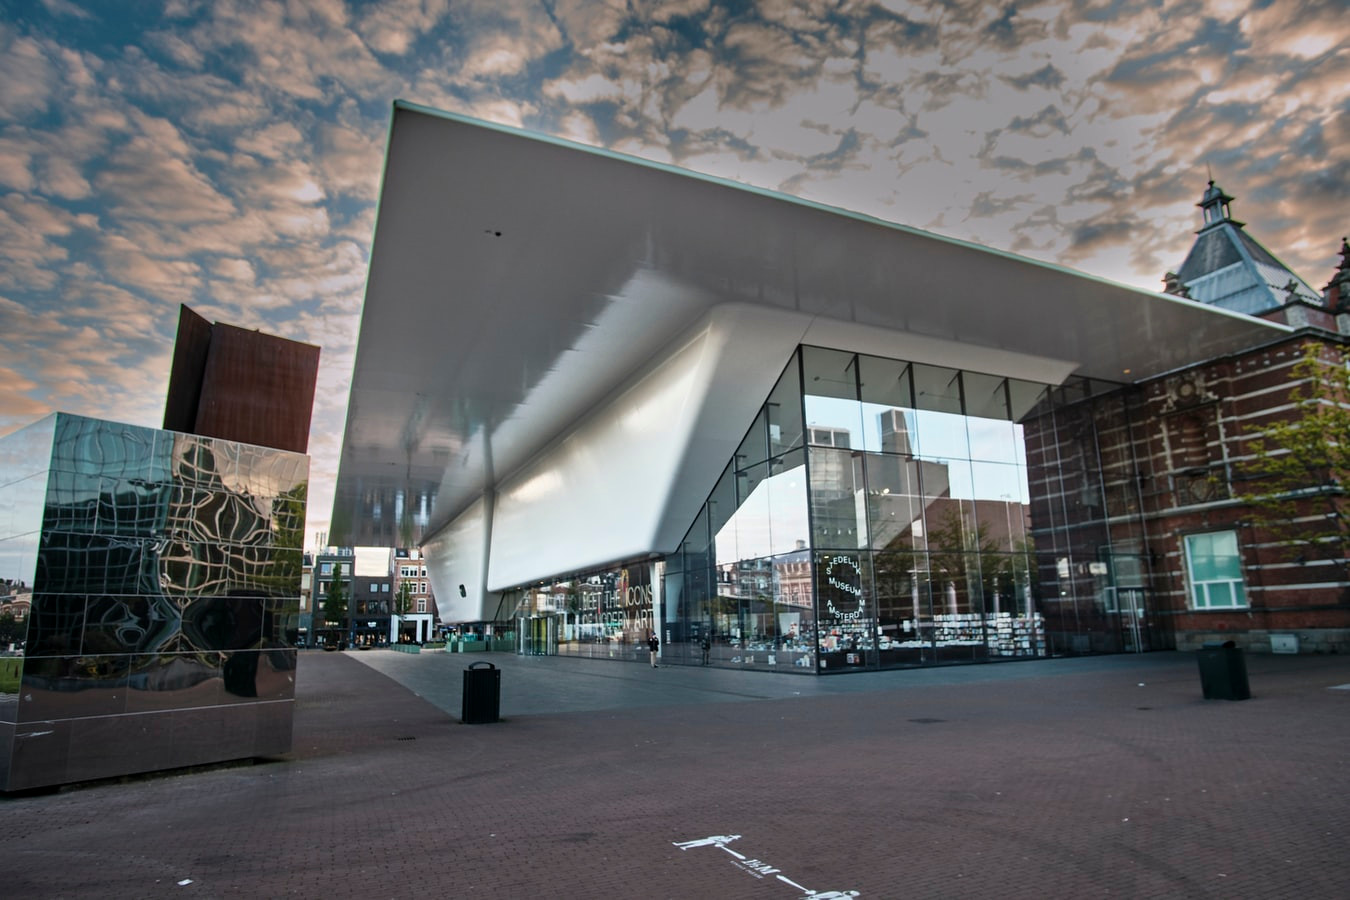 Museumplein в Амстердаме Нидерланды.jpg